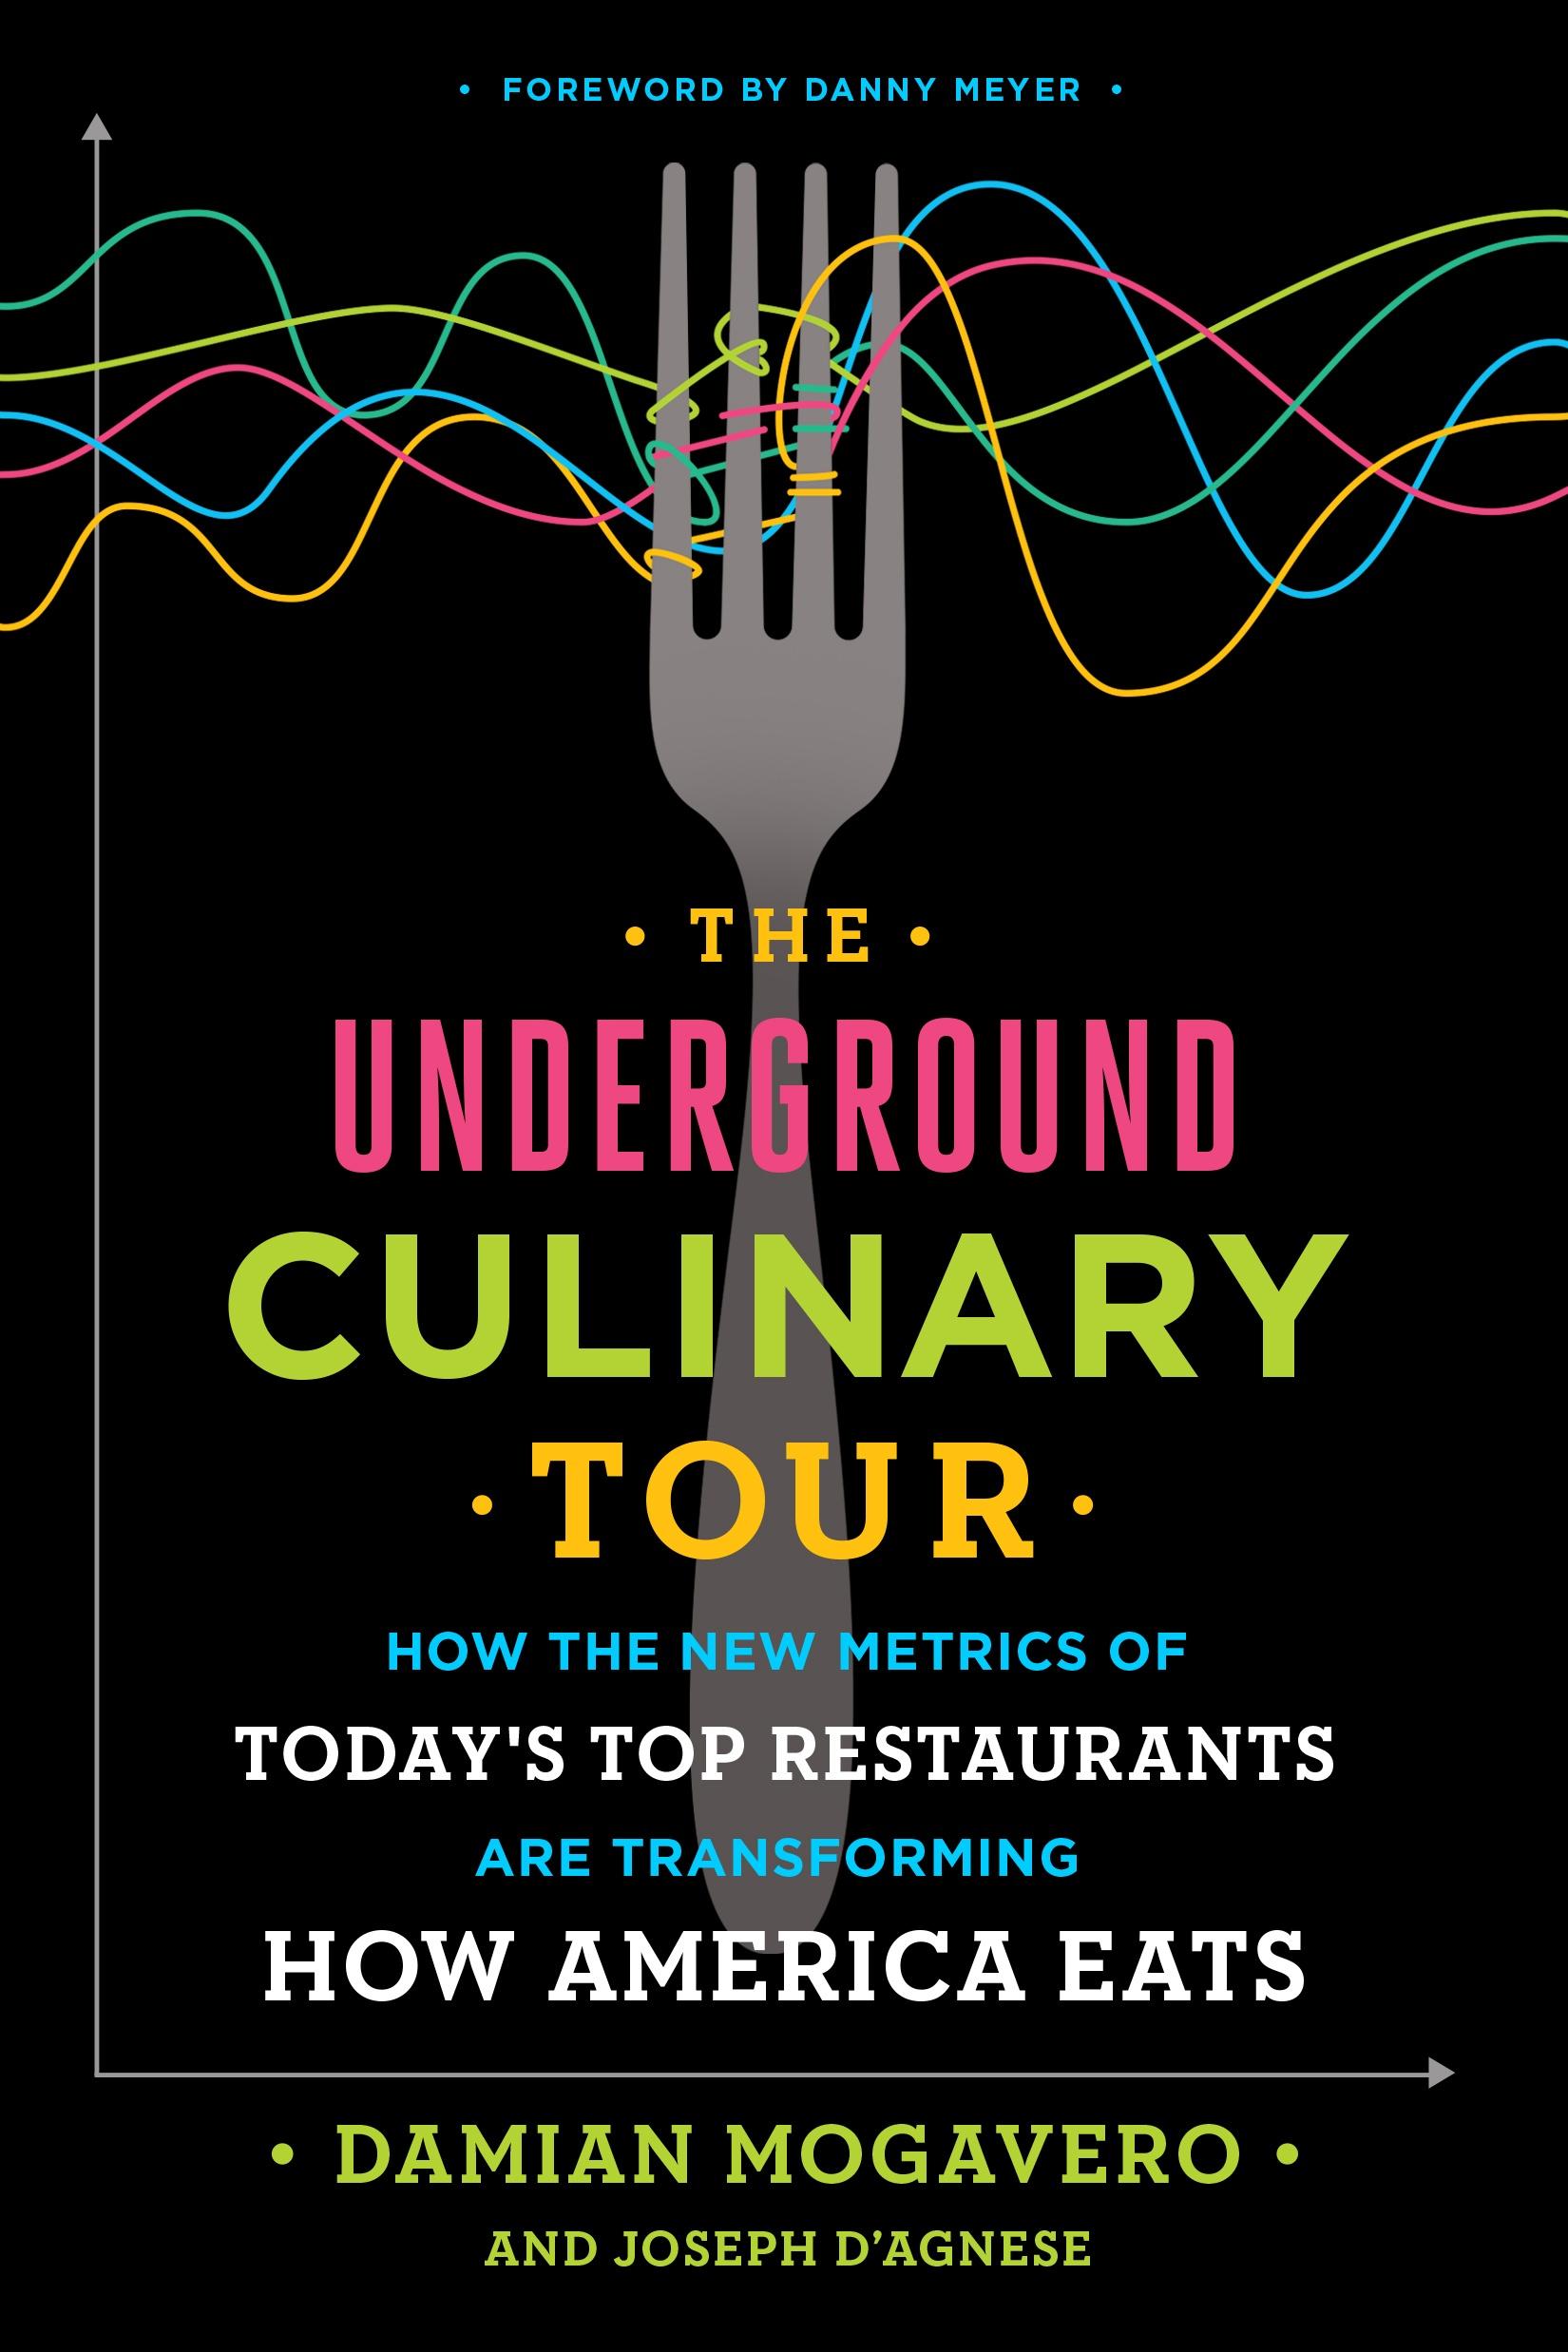 Underground Culinary Tour_finalupdate.jpg